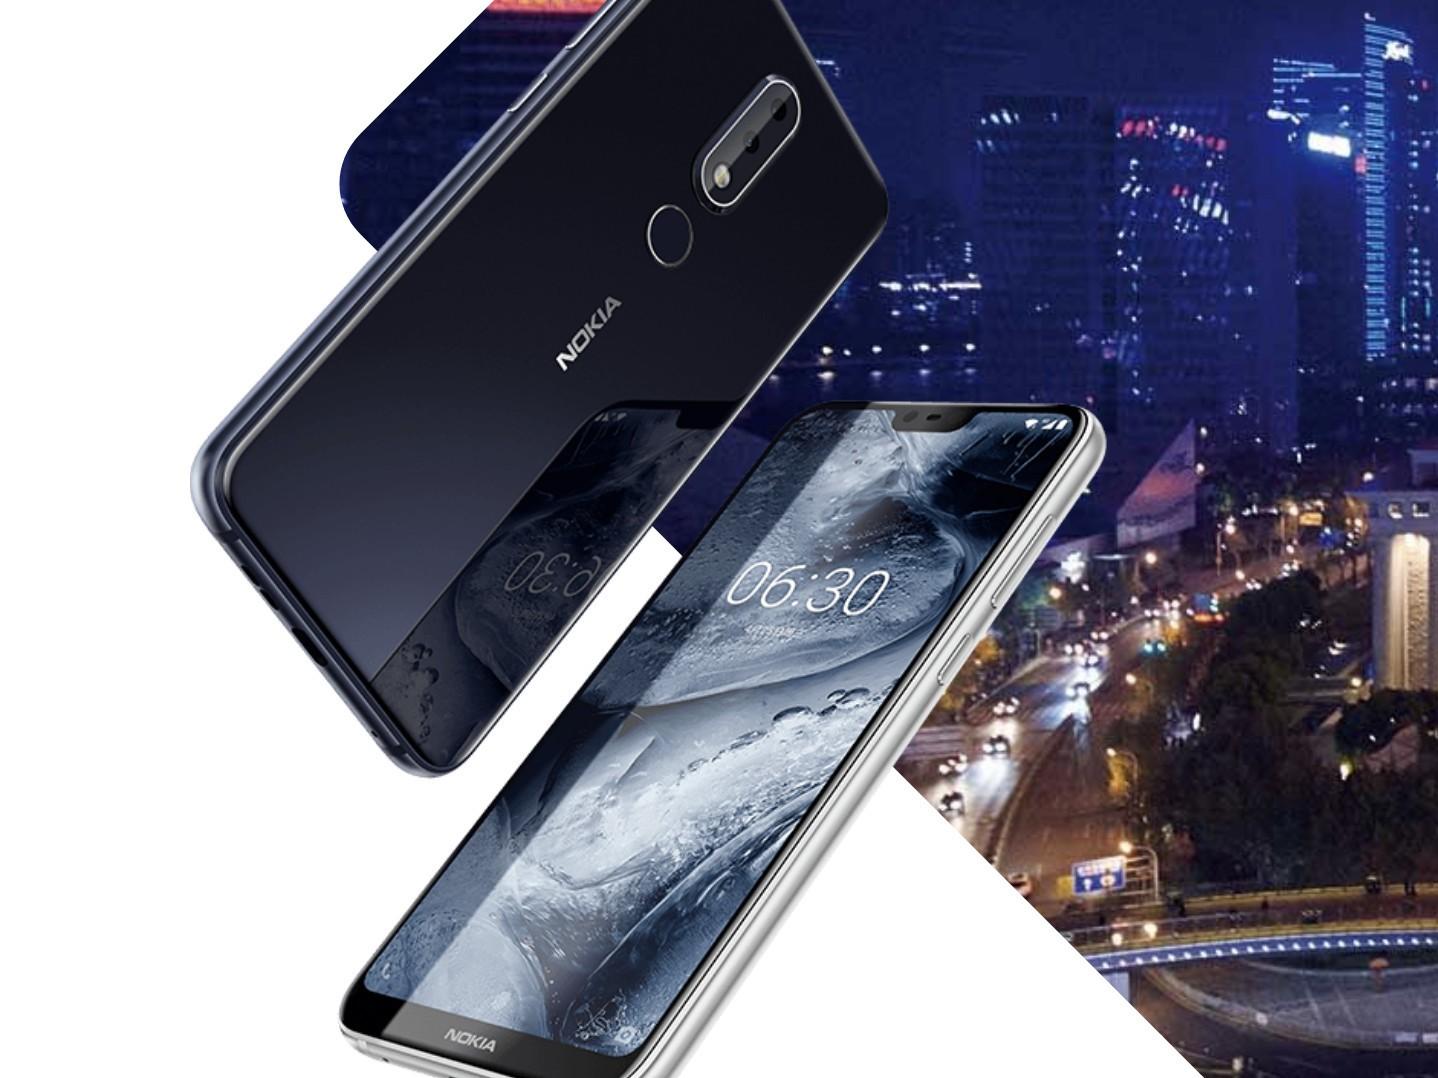 Nokia X6 impact imediat: record de vanzari in numai 10 secunde